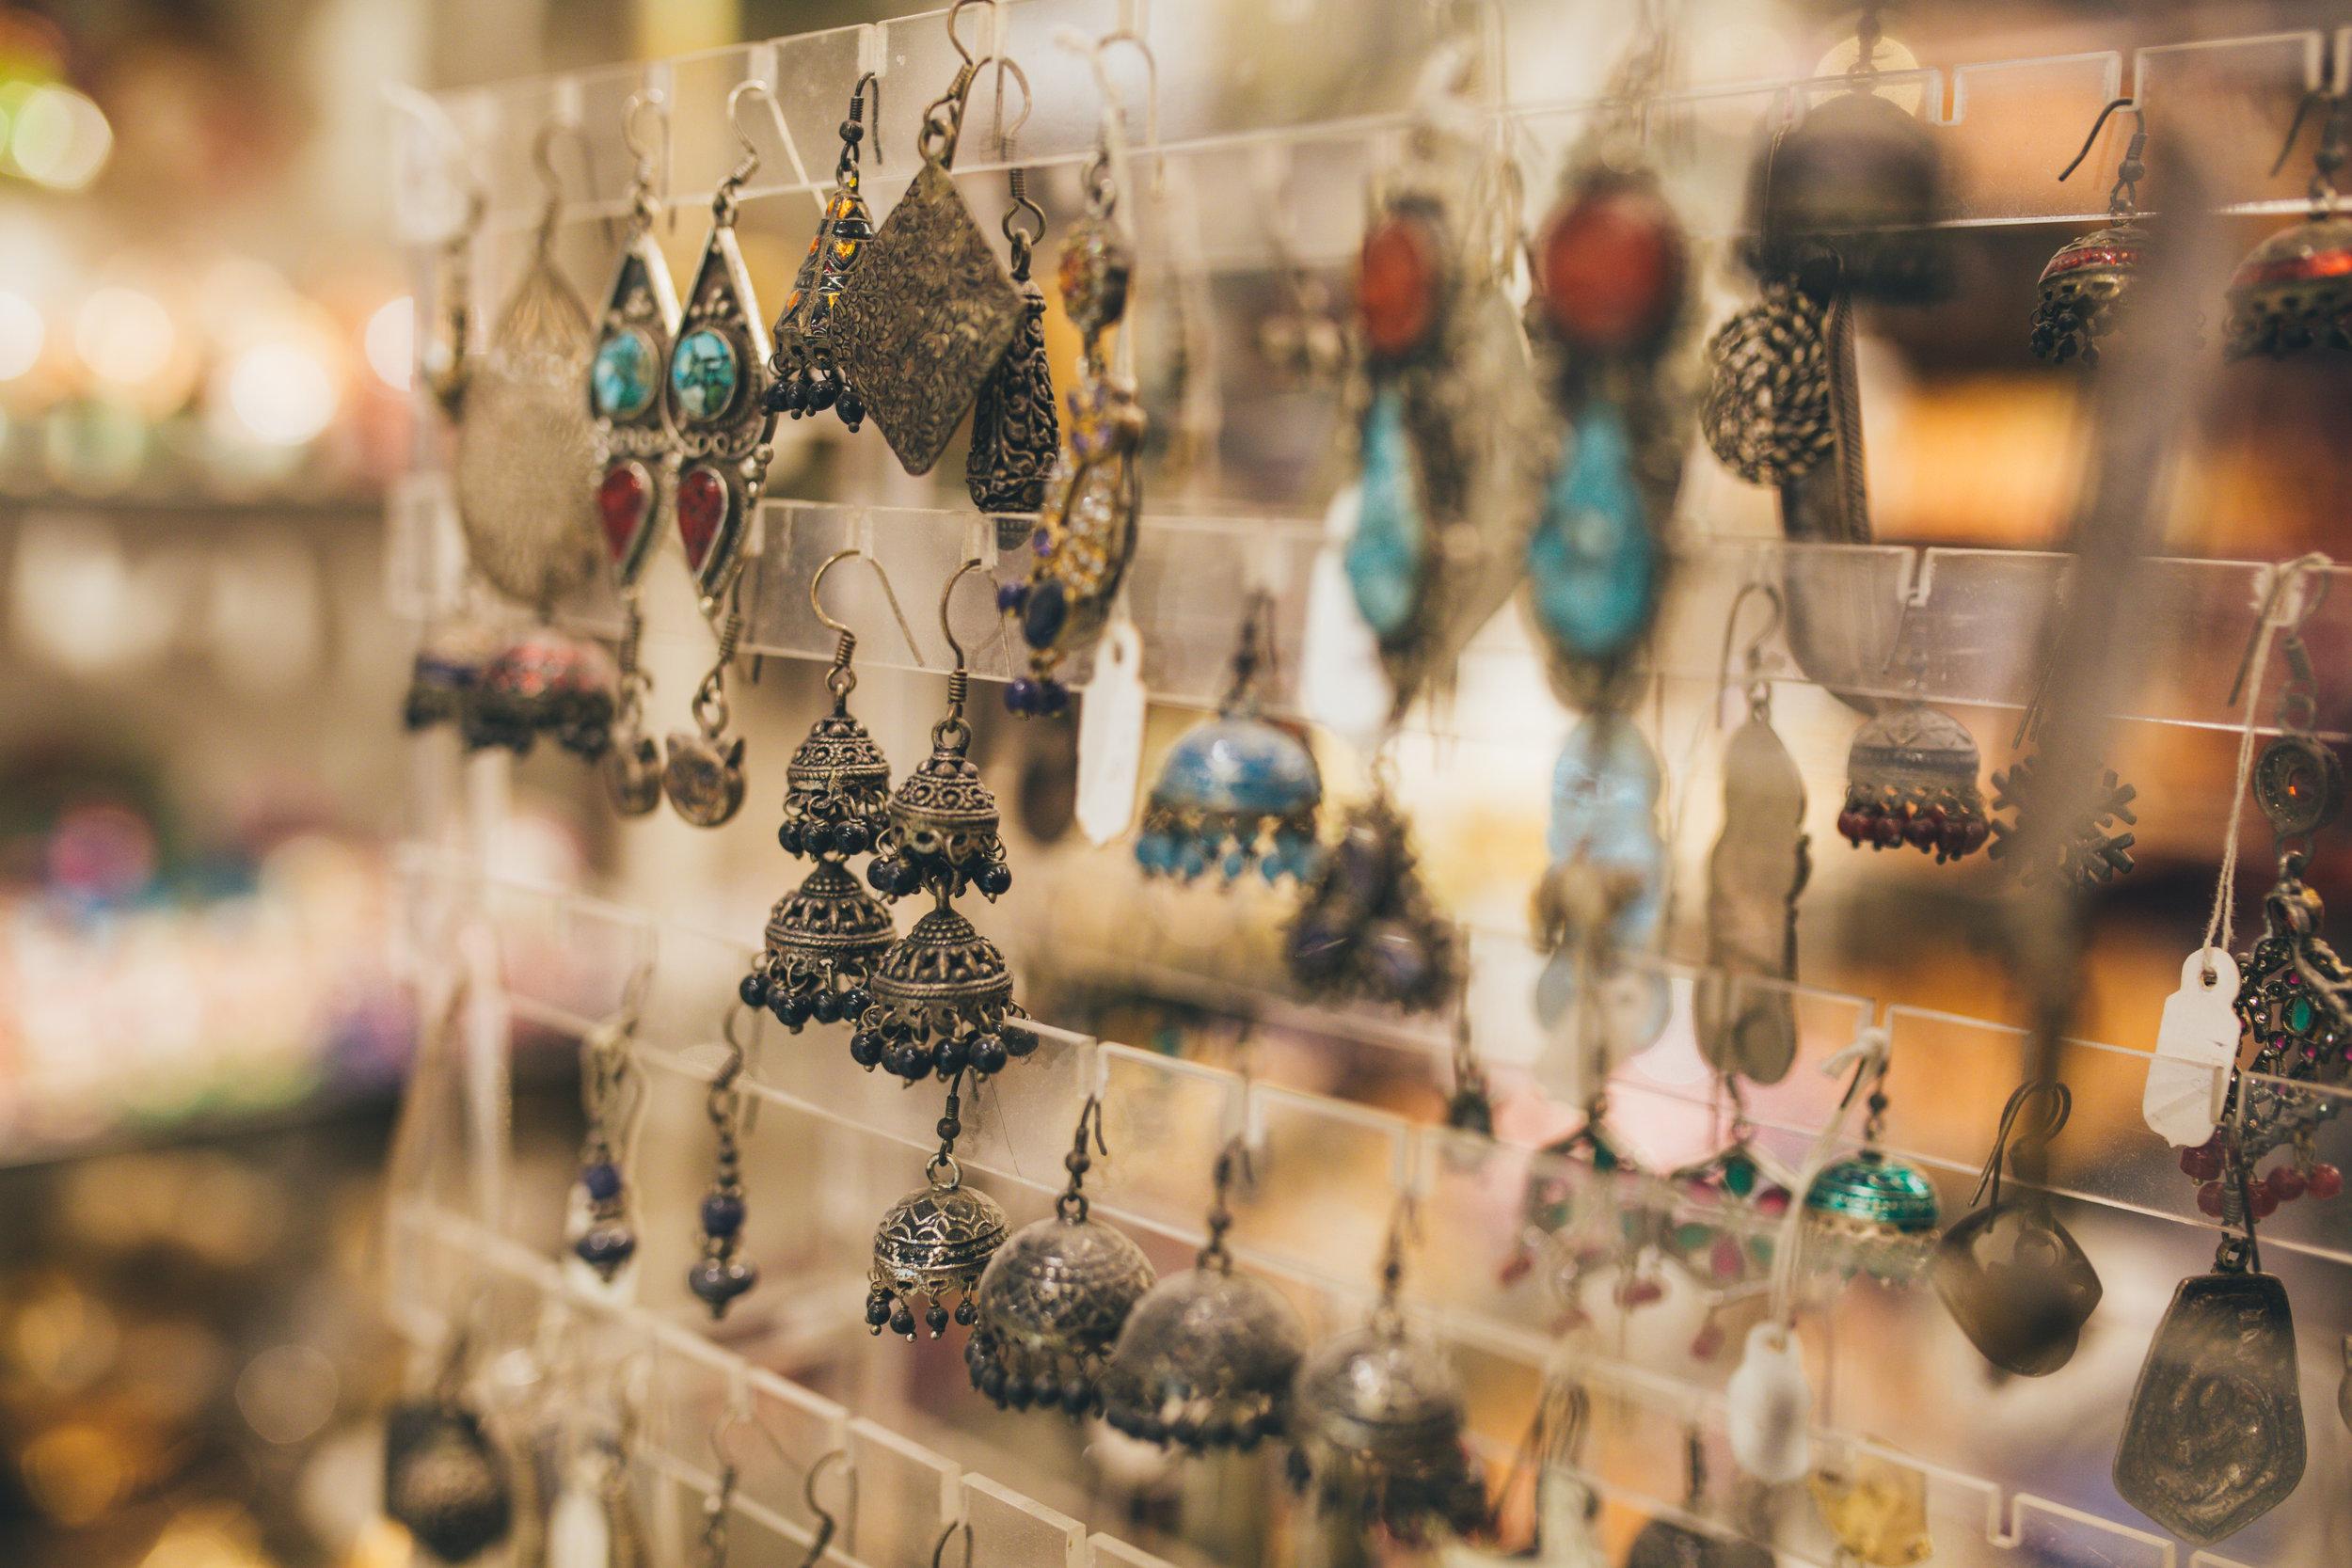 zoomz_jaipur_vespa_shopping